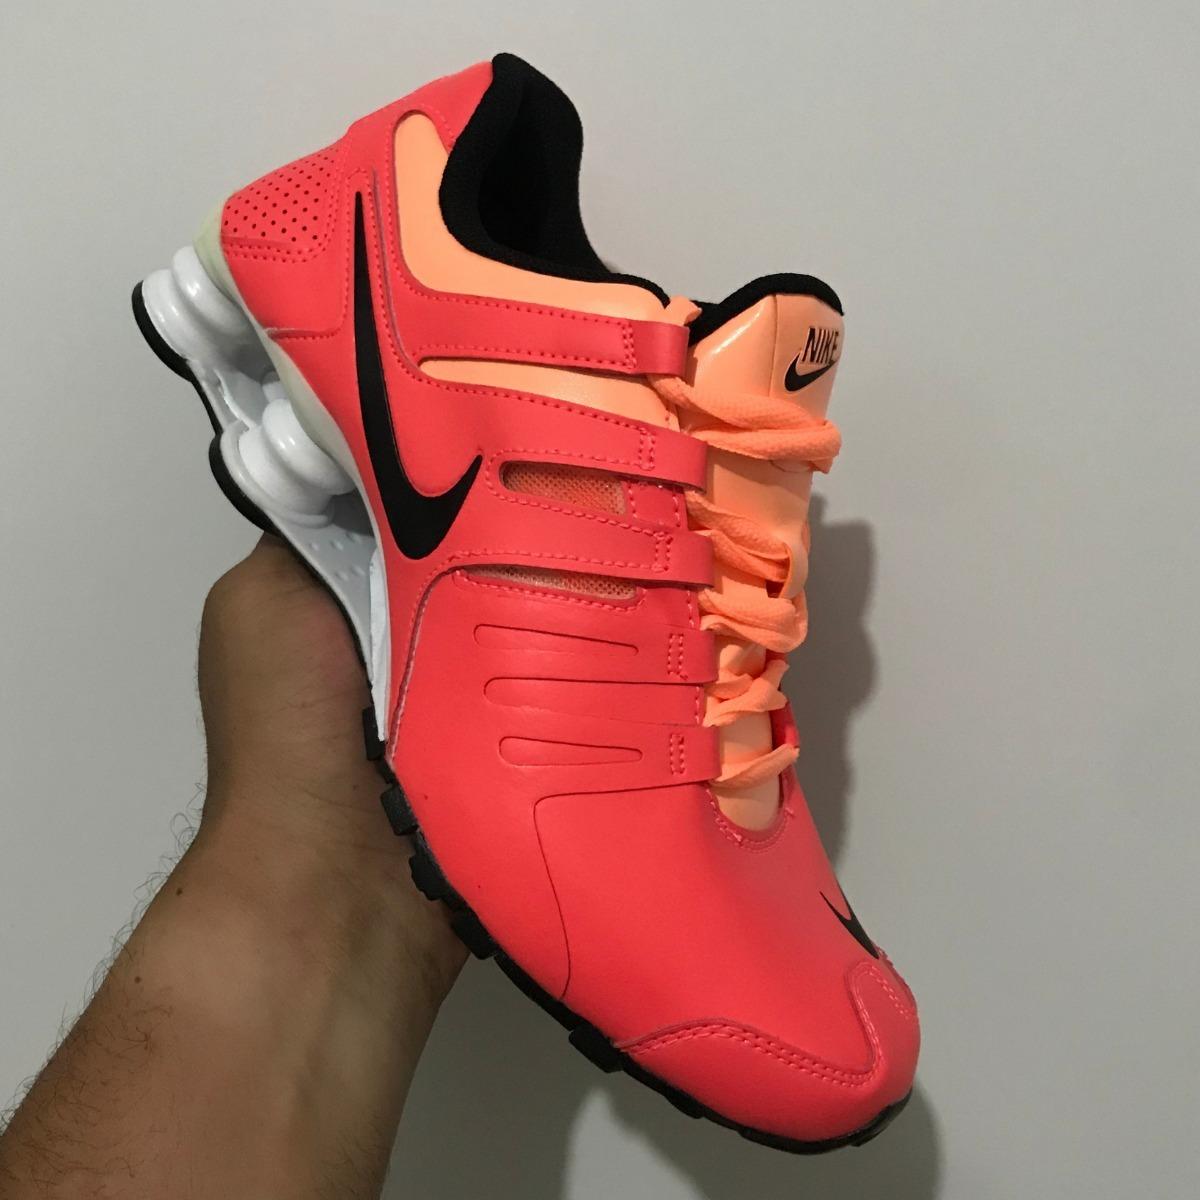 size 40 c3f3d e12f6 tênis nike feminino shox current sneaker - aqui é original. Carregando zoom.